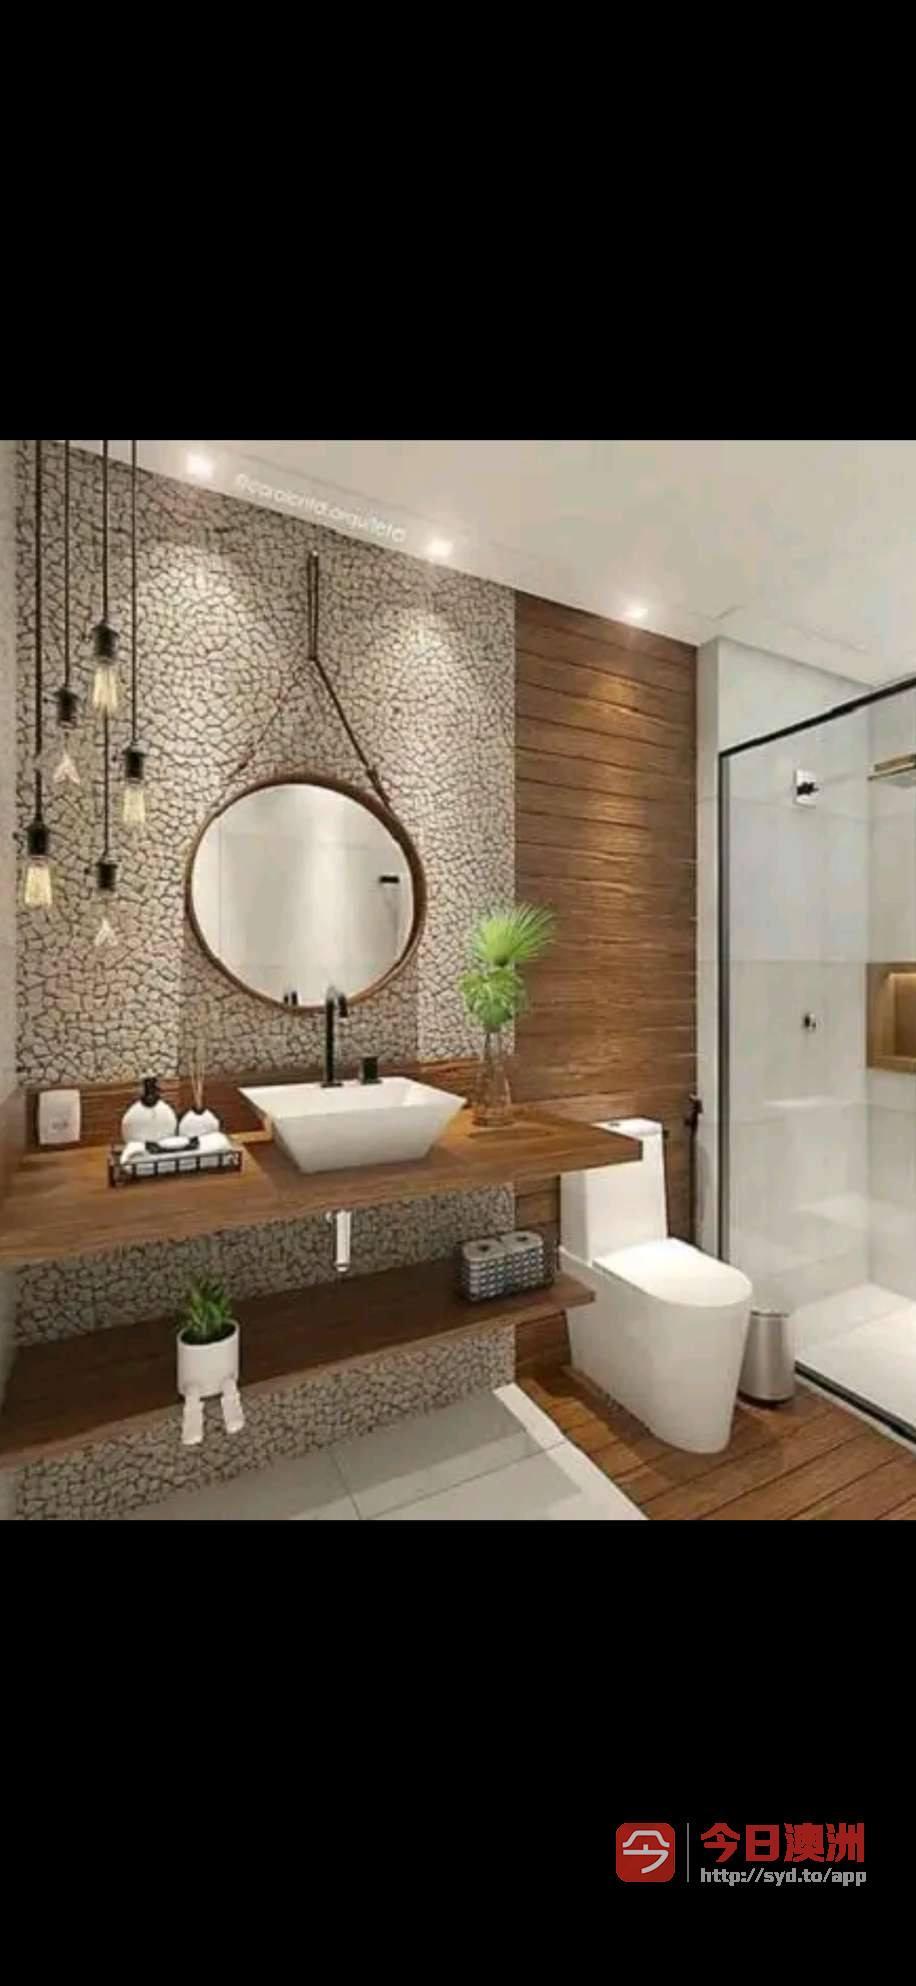 专业厨房翻新卫浴水管维修安装等等